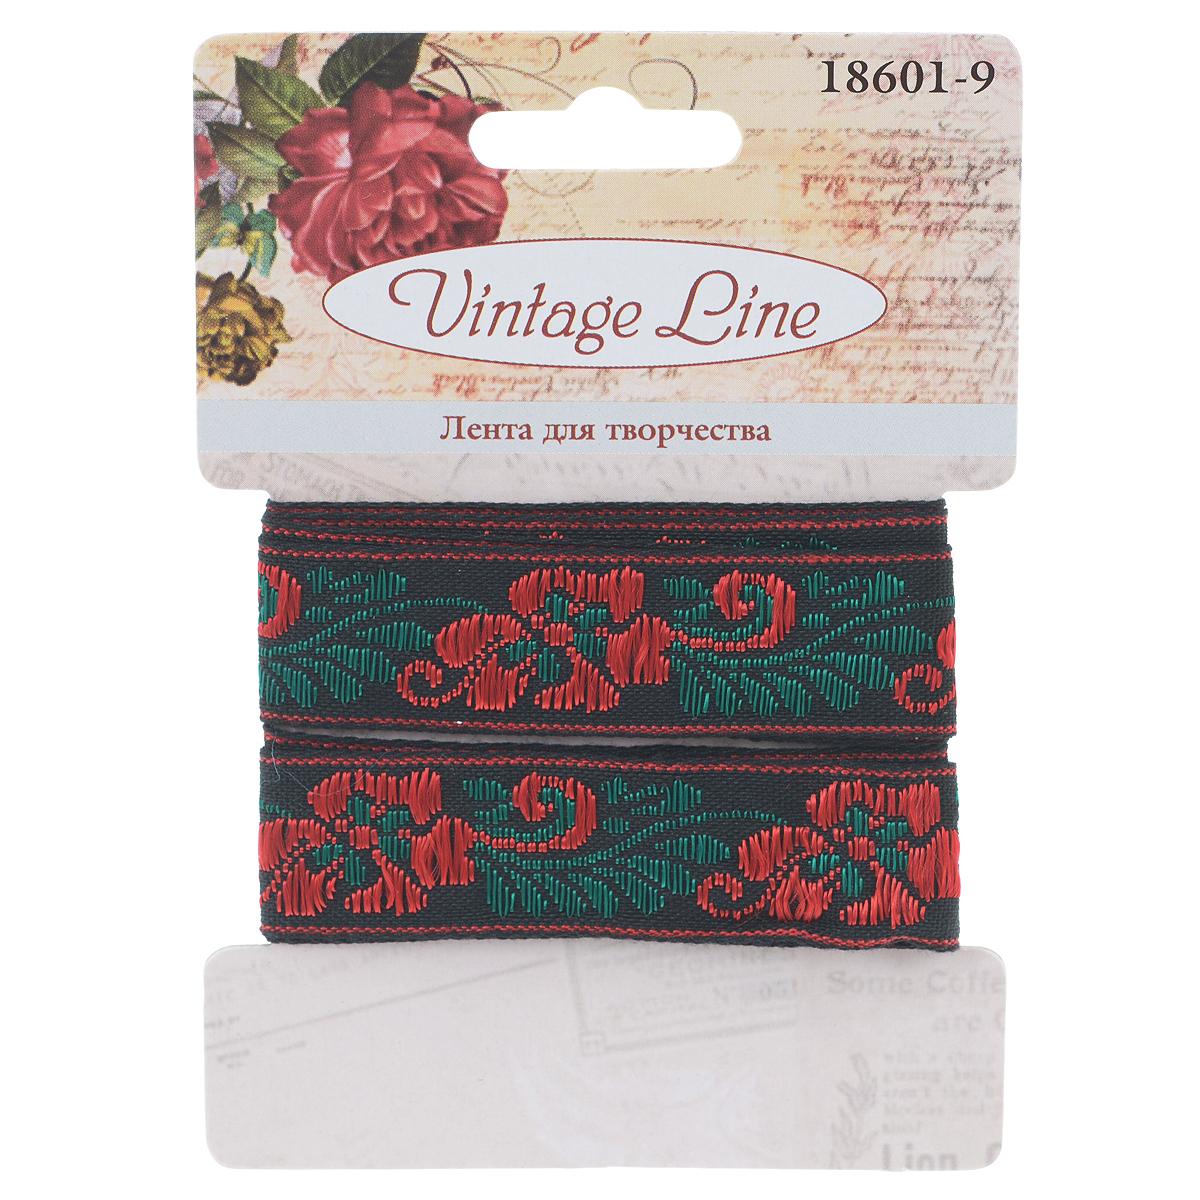 Лента декоративная Vintage Line, 1,3 х 100 см 77096577709657Декоративная лента Vintage Line выполнена из текстиля и оформлена различными вышитыми цветками. Такая лента идеально подойдет для оформления различных творческих работ таких, как скрапбукинг, аппликация, декор коробок и открыток и многое другое.Лента наивысшего качества практична в использовании. Она станет незаменимым элементом в создании рукотворного шедевра. Ширина: 1,3 см.Длина: 1 м.